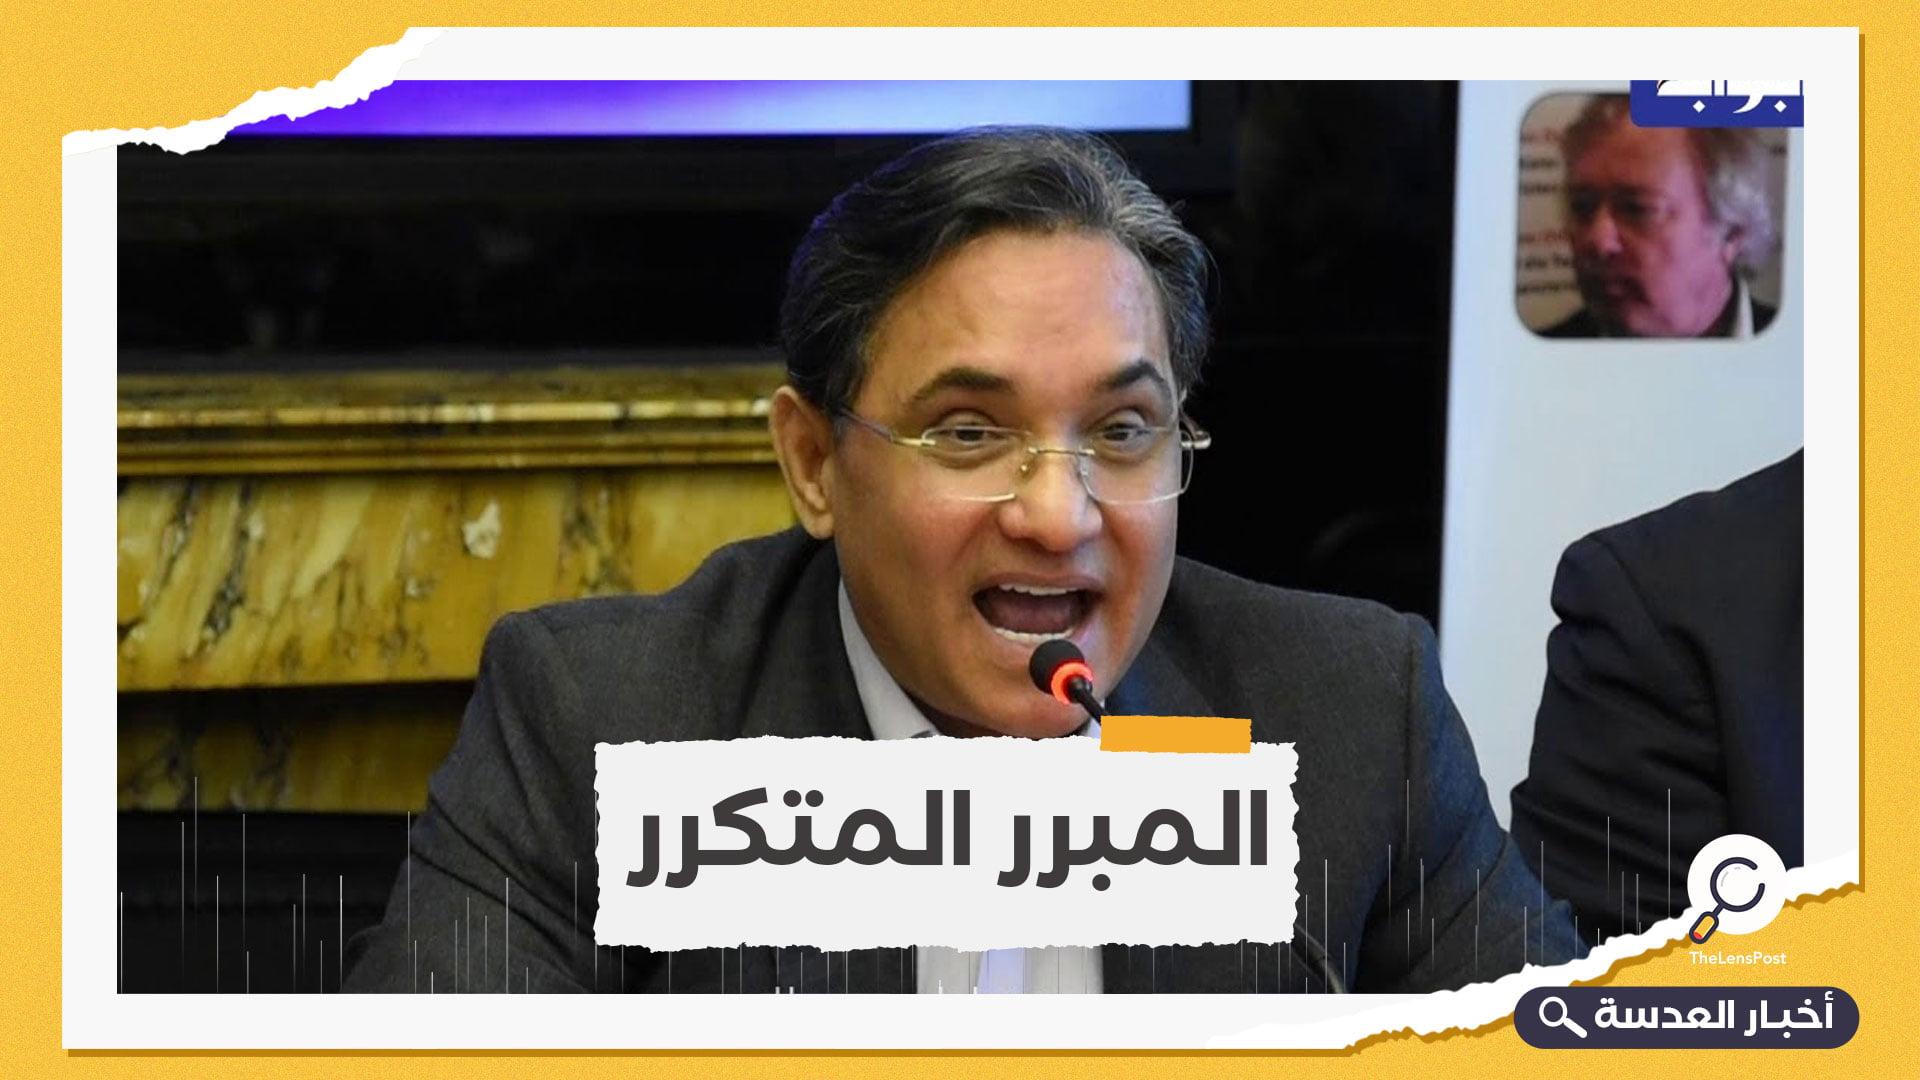 كالعادة.. عبدالرحيم علي يتهم الإخوان لإنقاذ نفسه بعد تسريبه المهين للسيسي